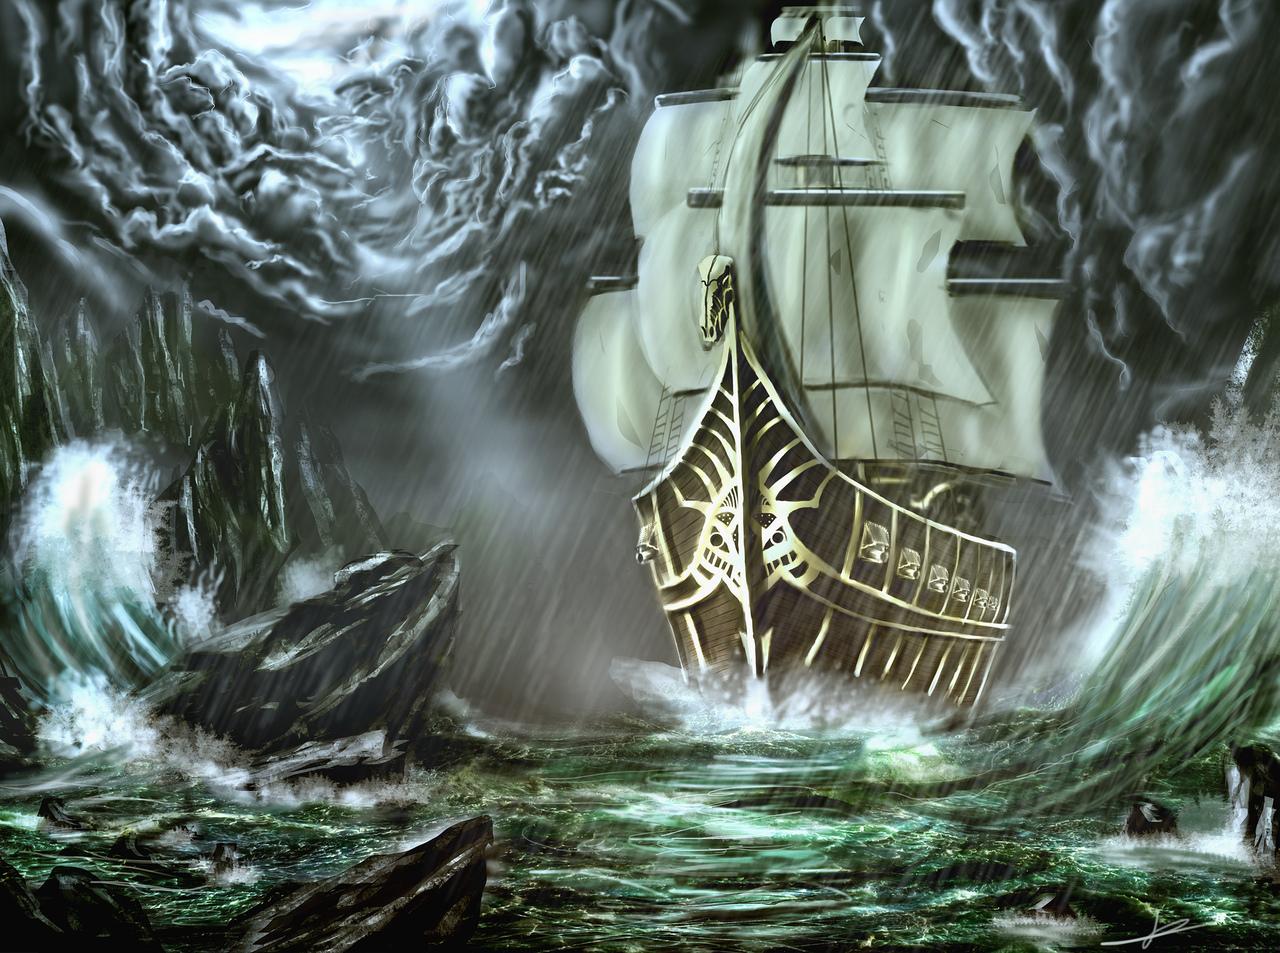 boat by jhonnyvdb